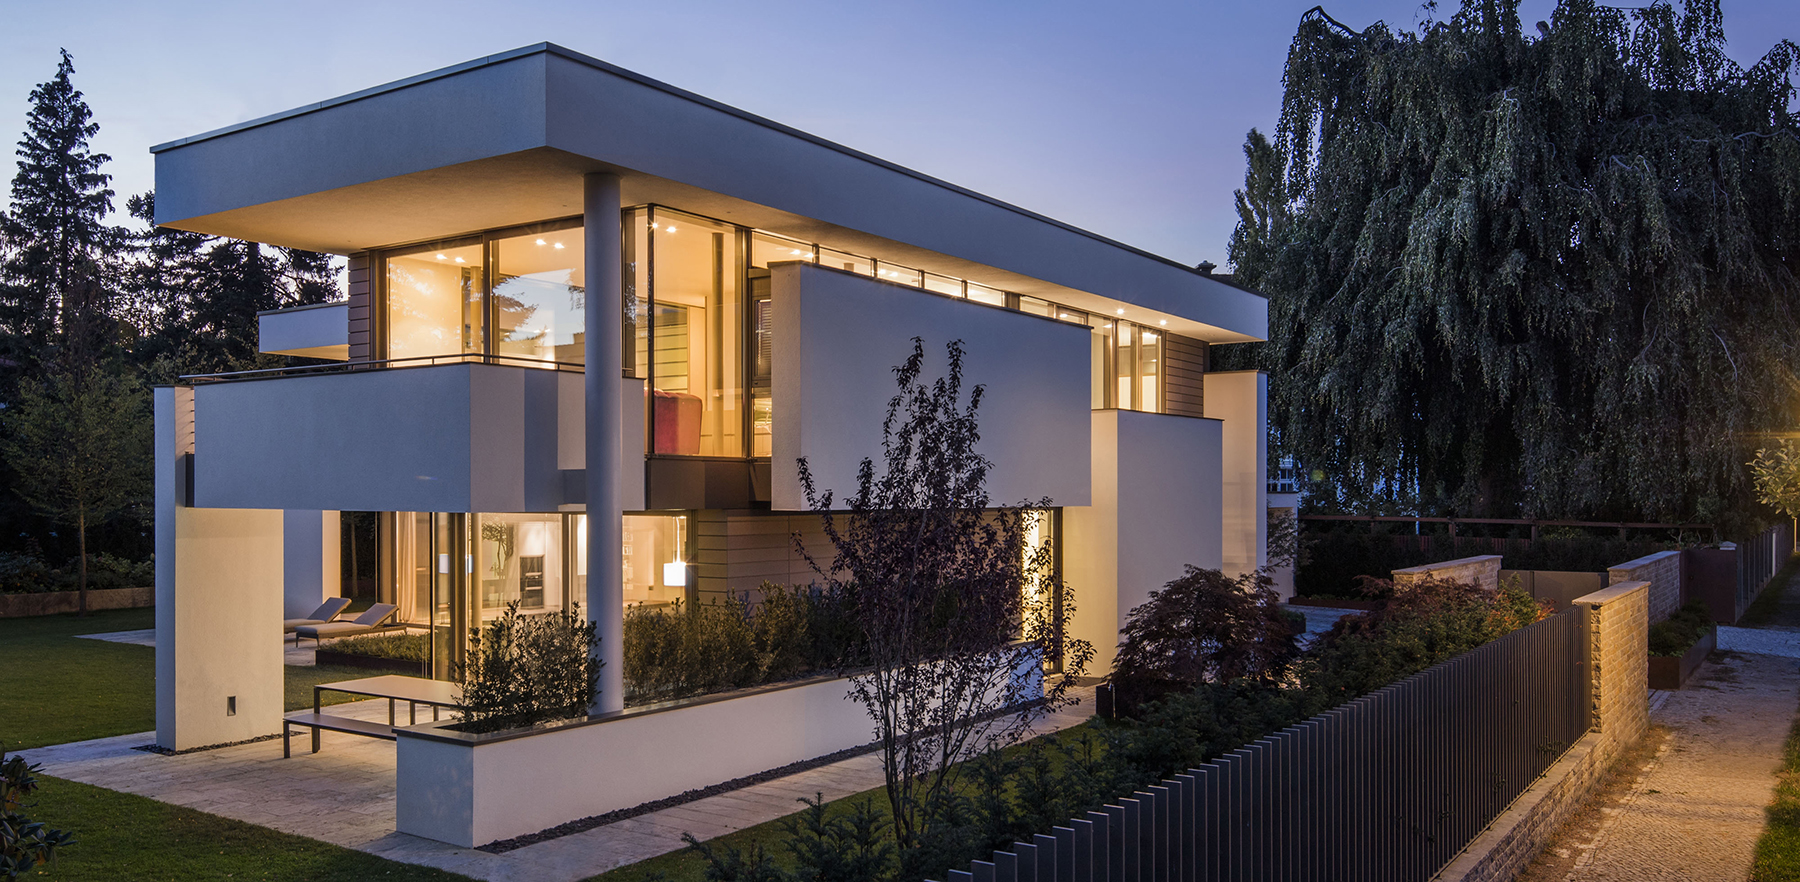 Architektur Wohnhaus Fuchs Und Wacker Zeitgenössisch On Andere In Bezug Auf Home Architekten Bda 4